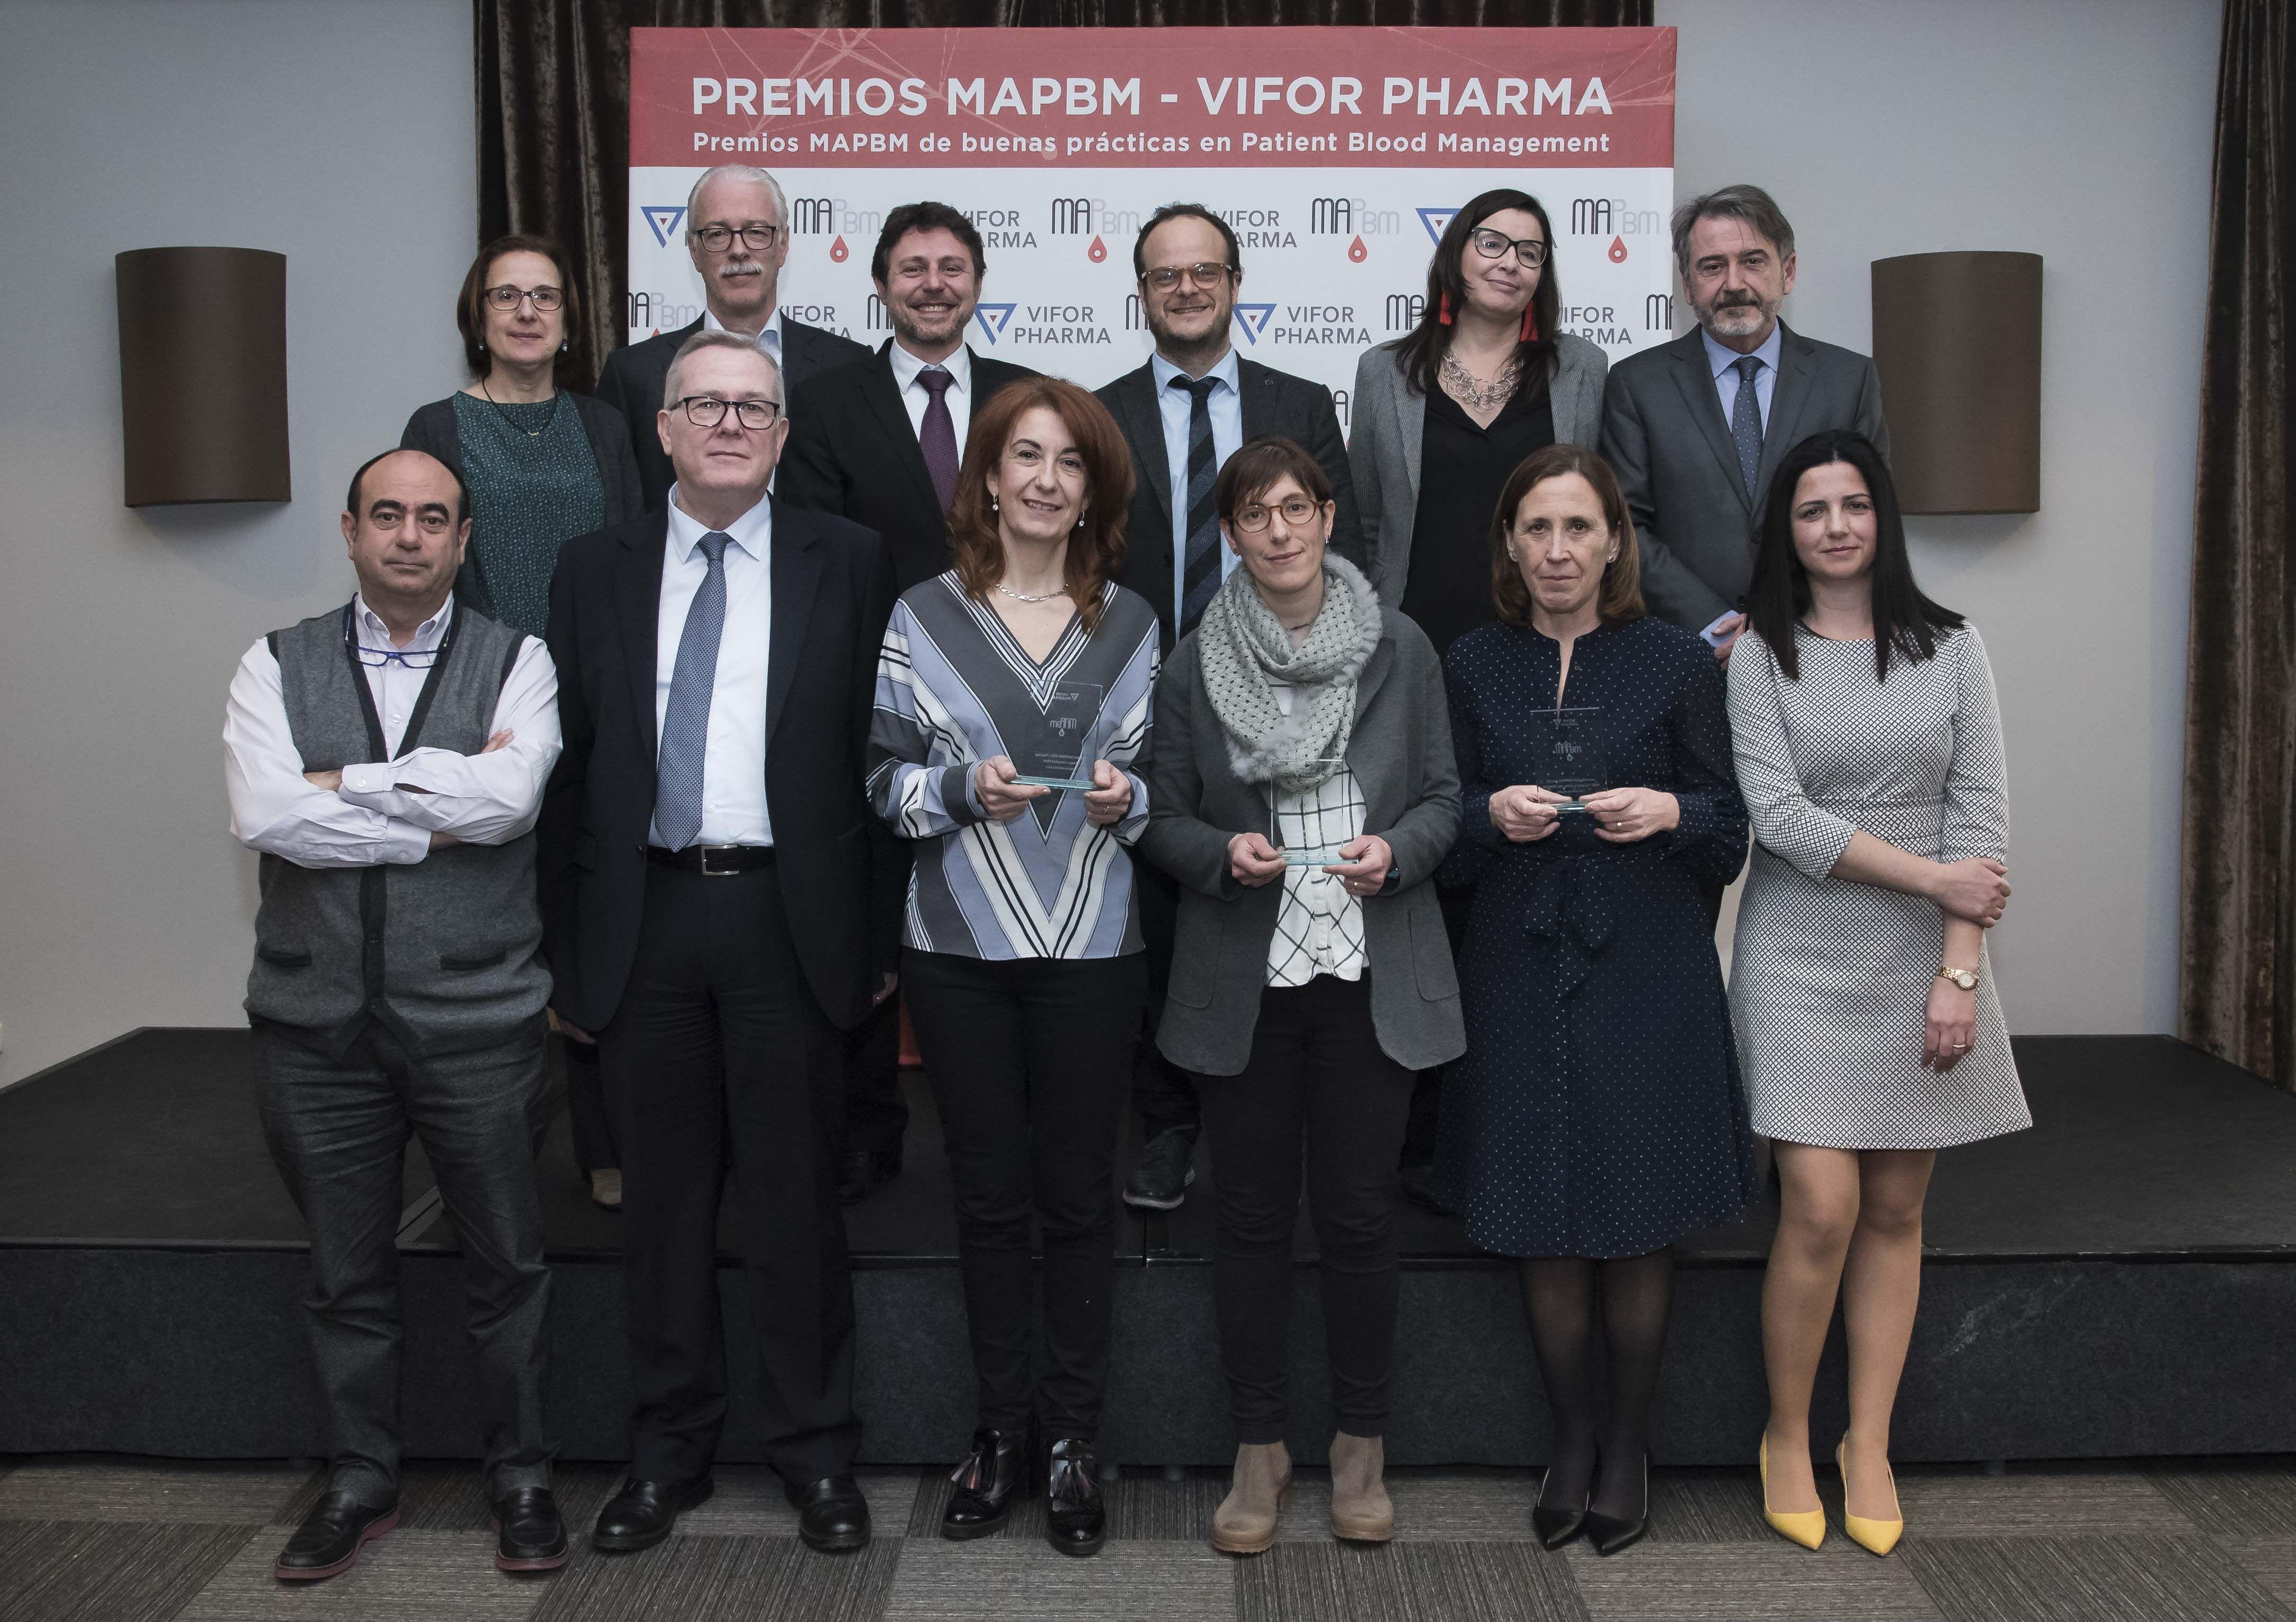 Fotografia Galardonados Premios MAPBM-Vifor y miembros del jurado